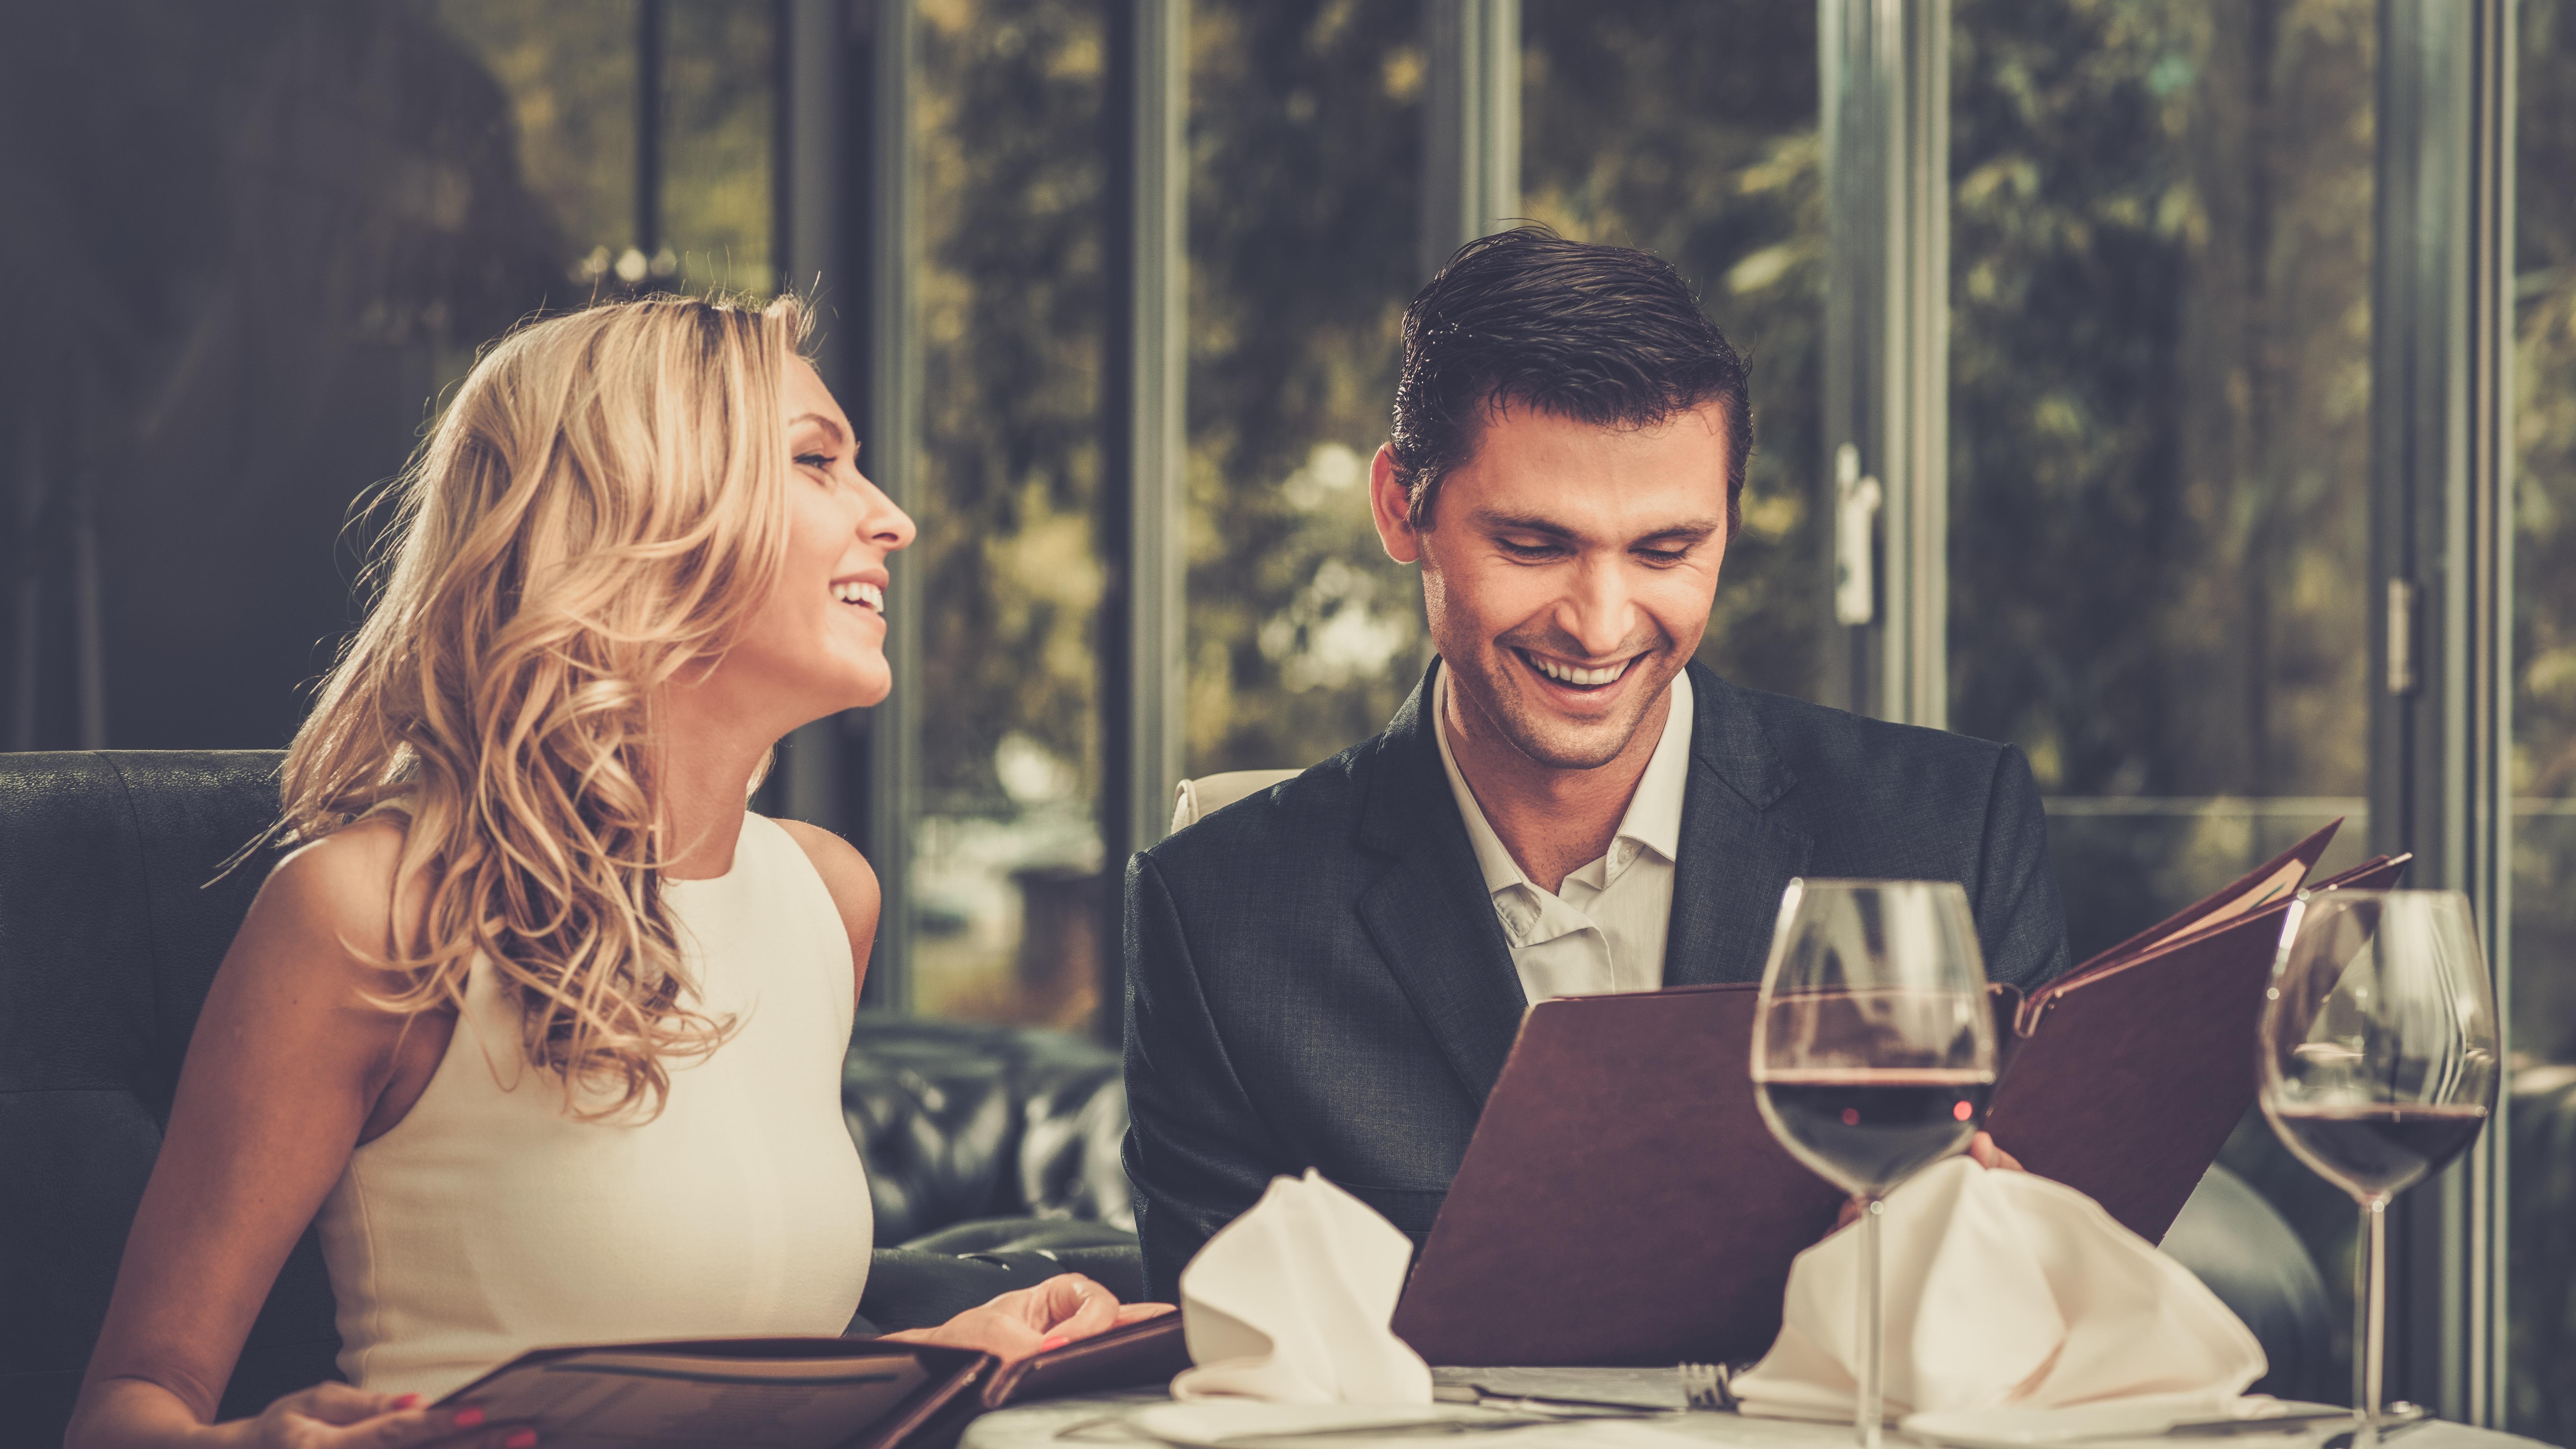 Oferty randkowe węgla